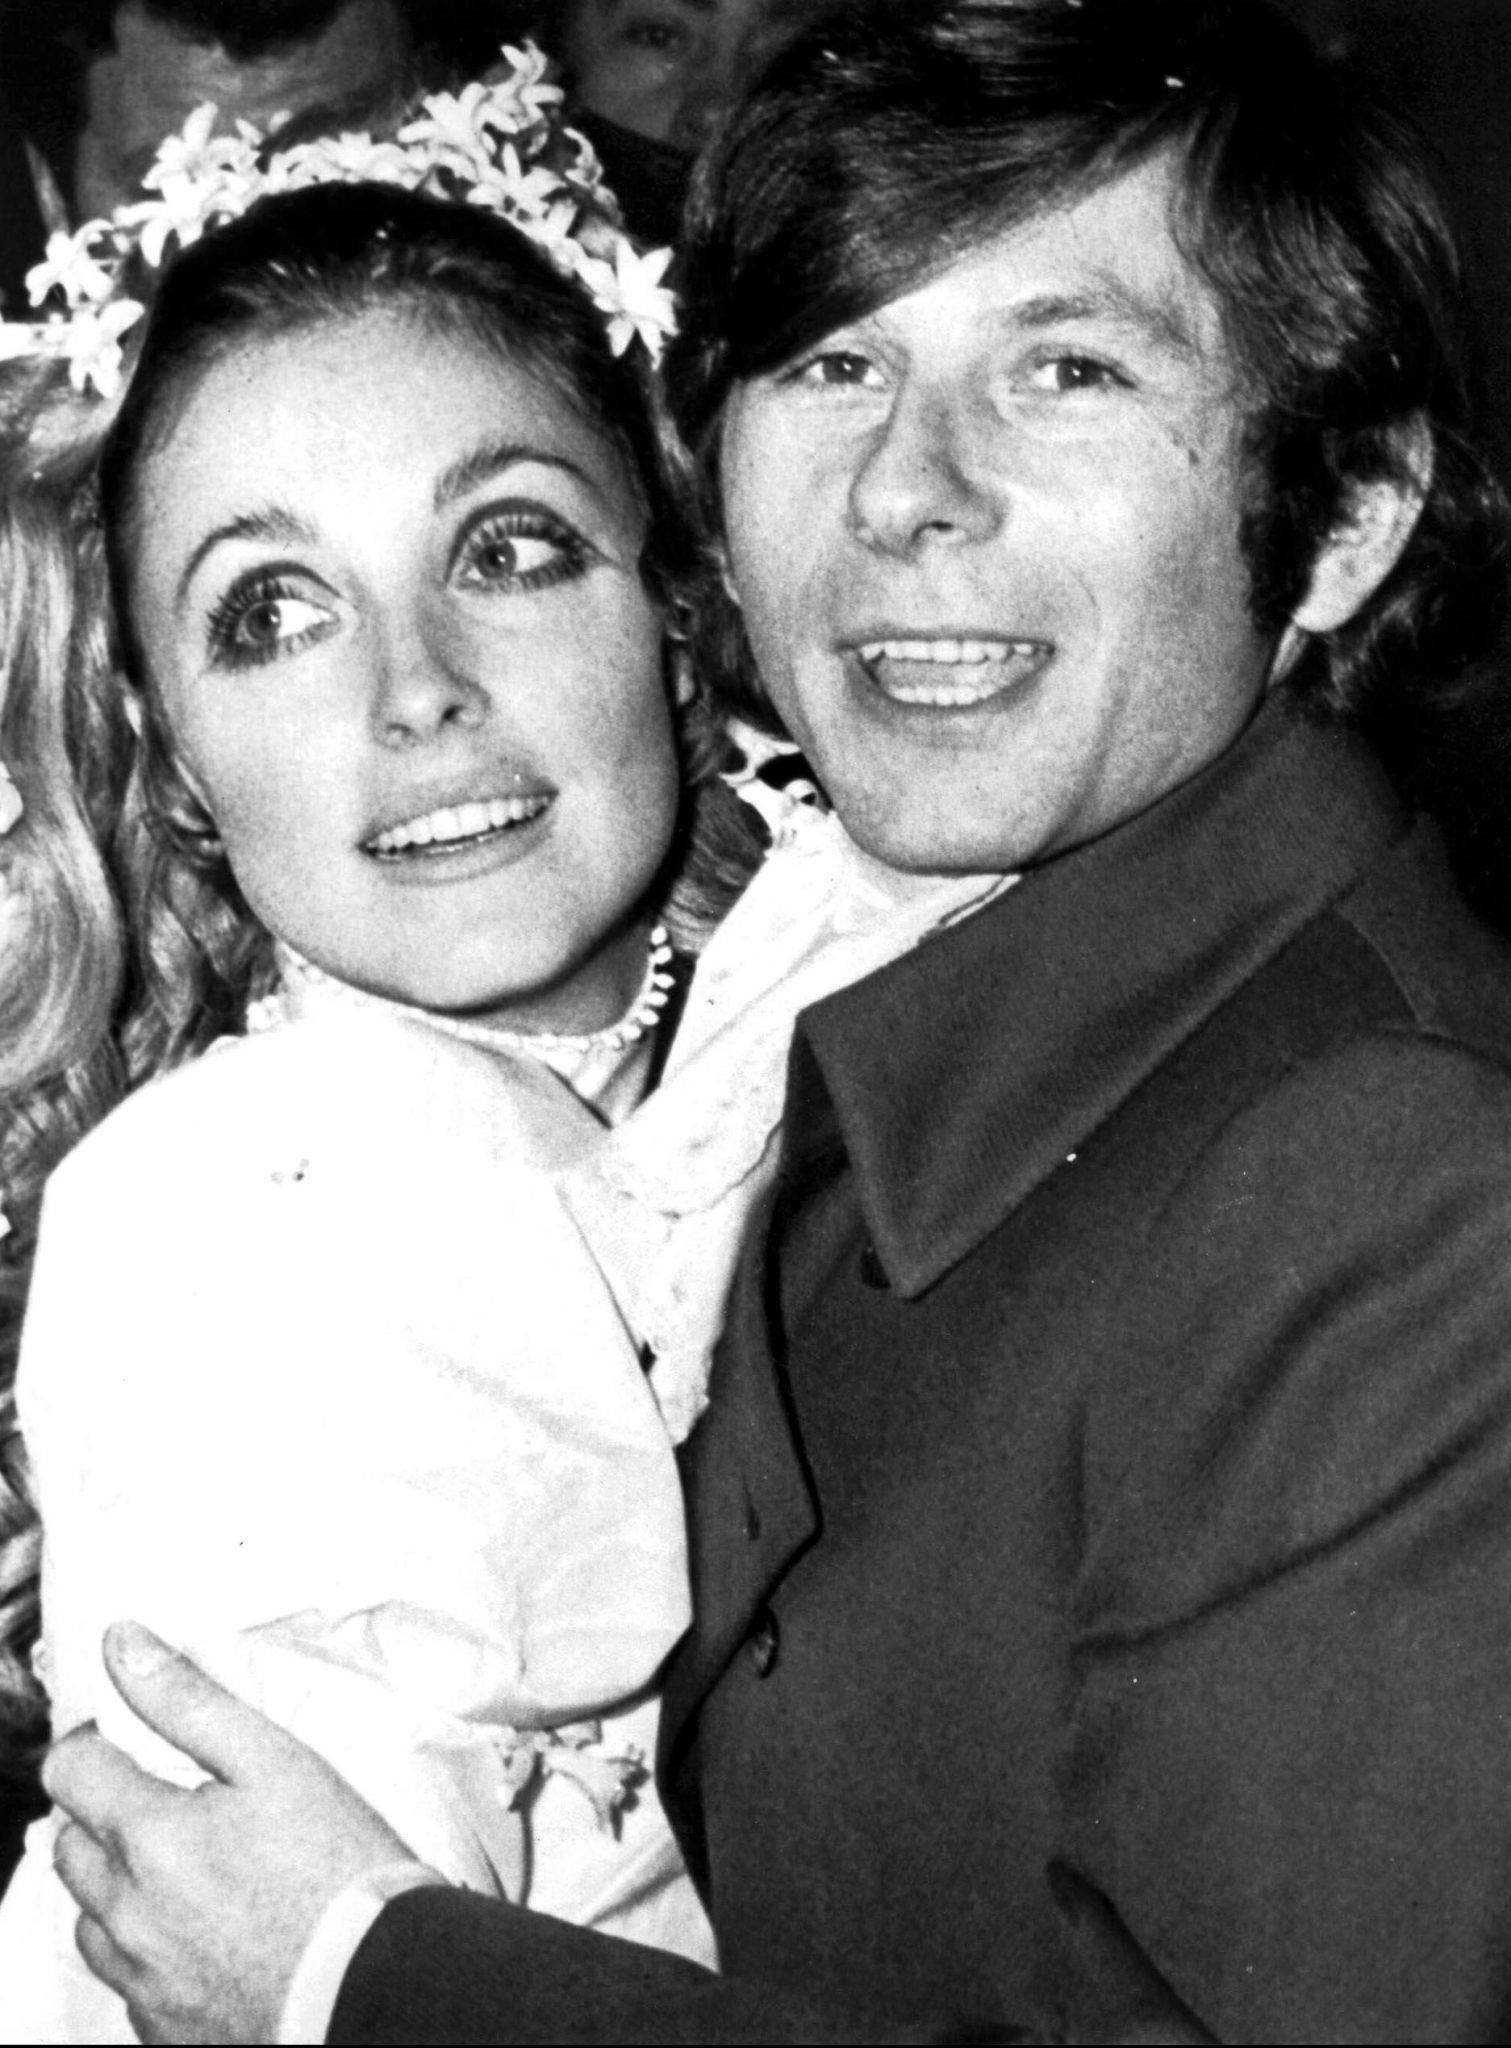 Ślub Sharon Tate i Romana Polańskiego. 1968 rok